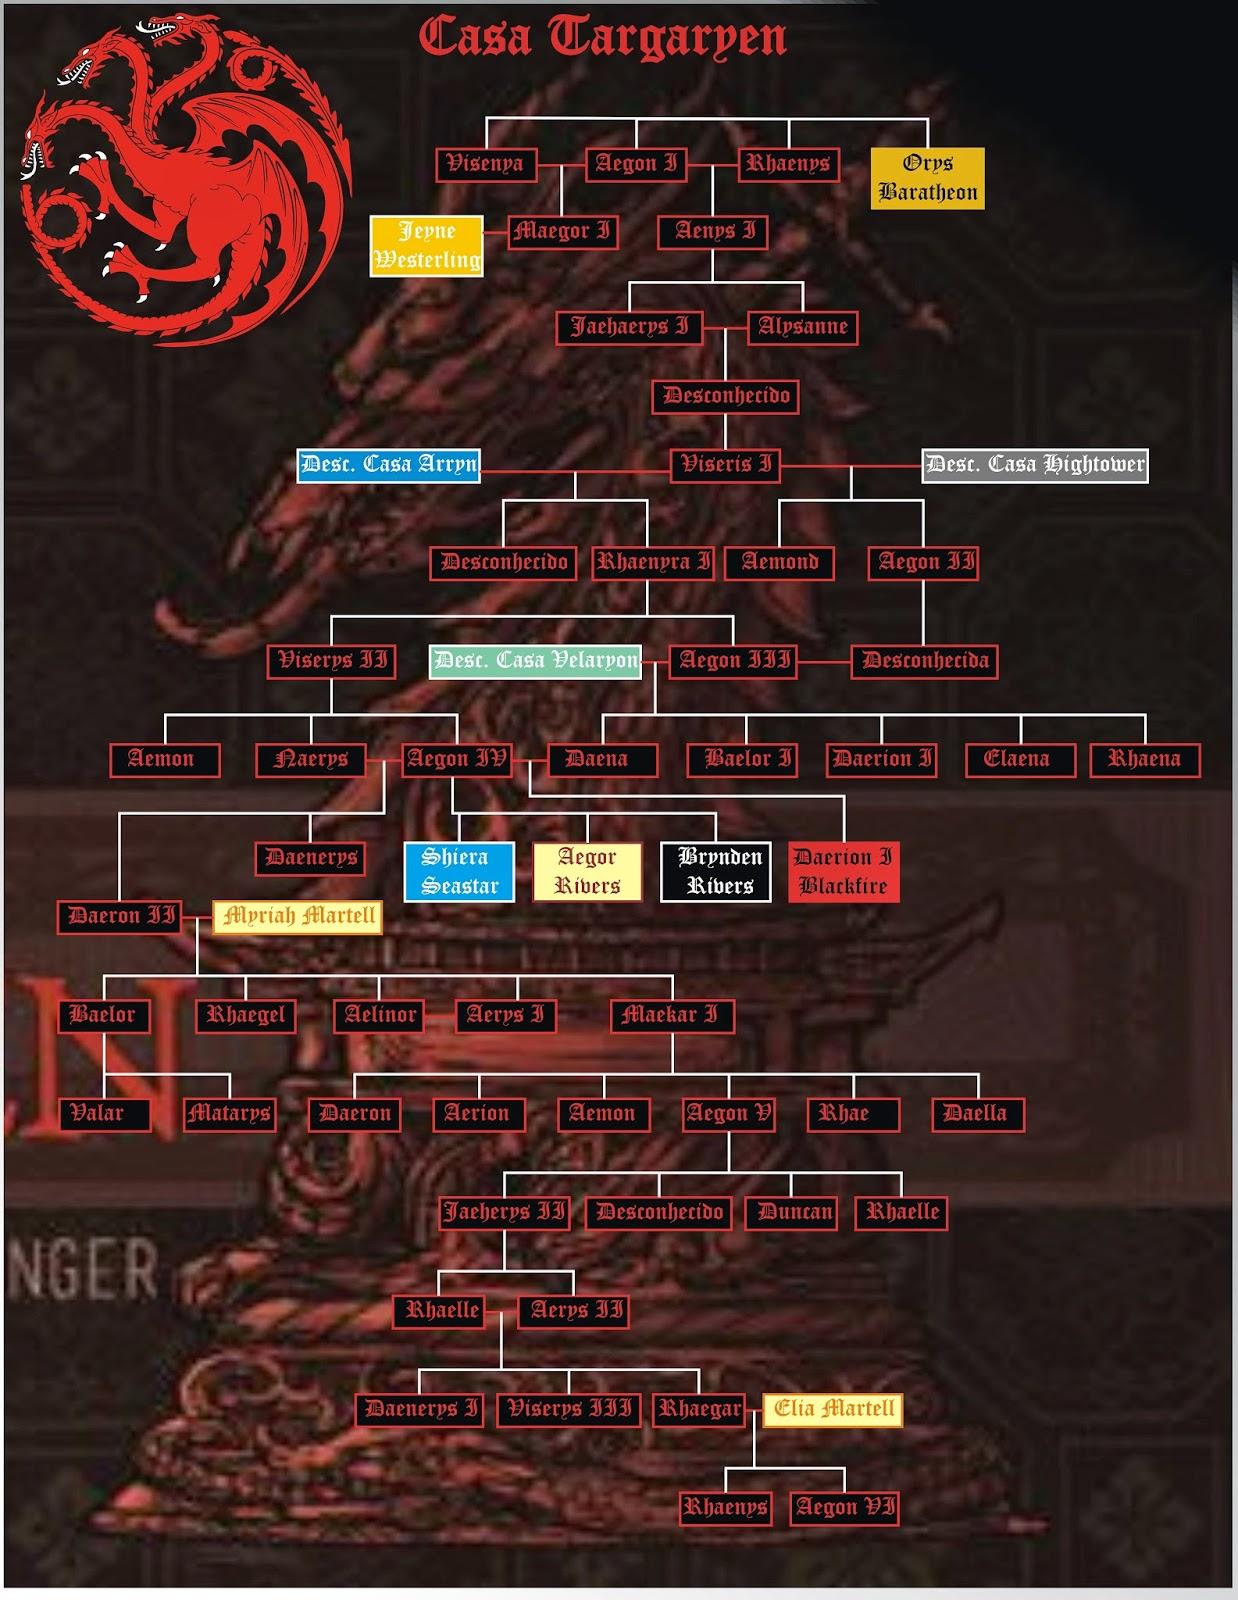 Extremamente As Cronicas de Gelo e Fogo Brasil: Casa Targaryen Árvore Genealógica EA07